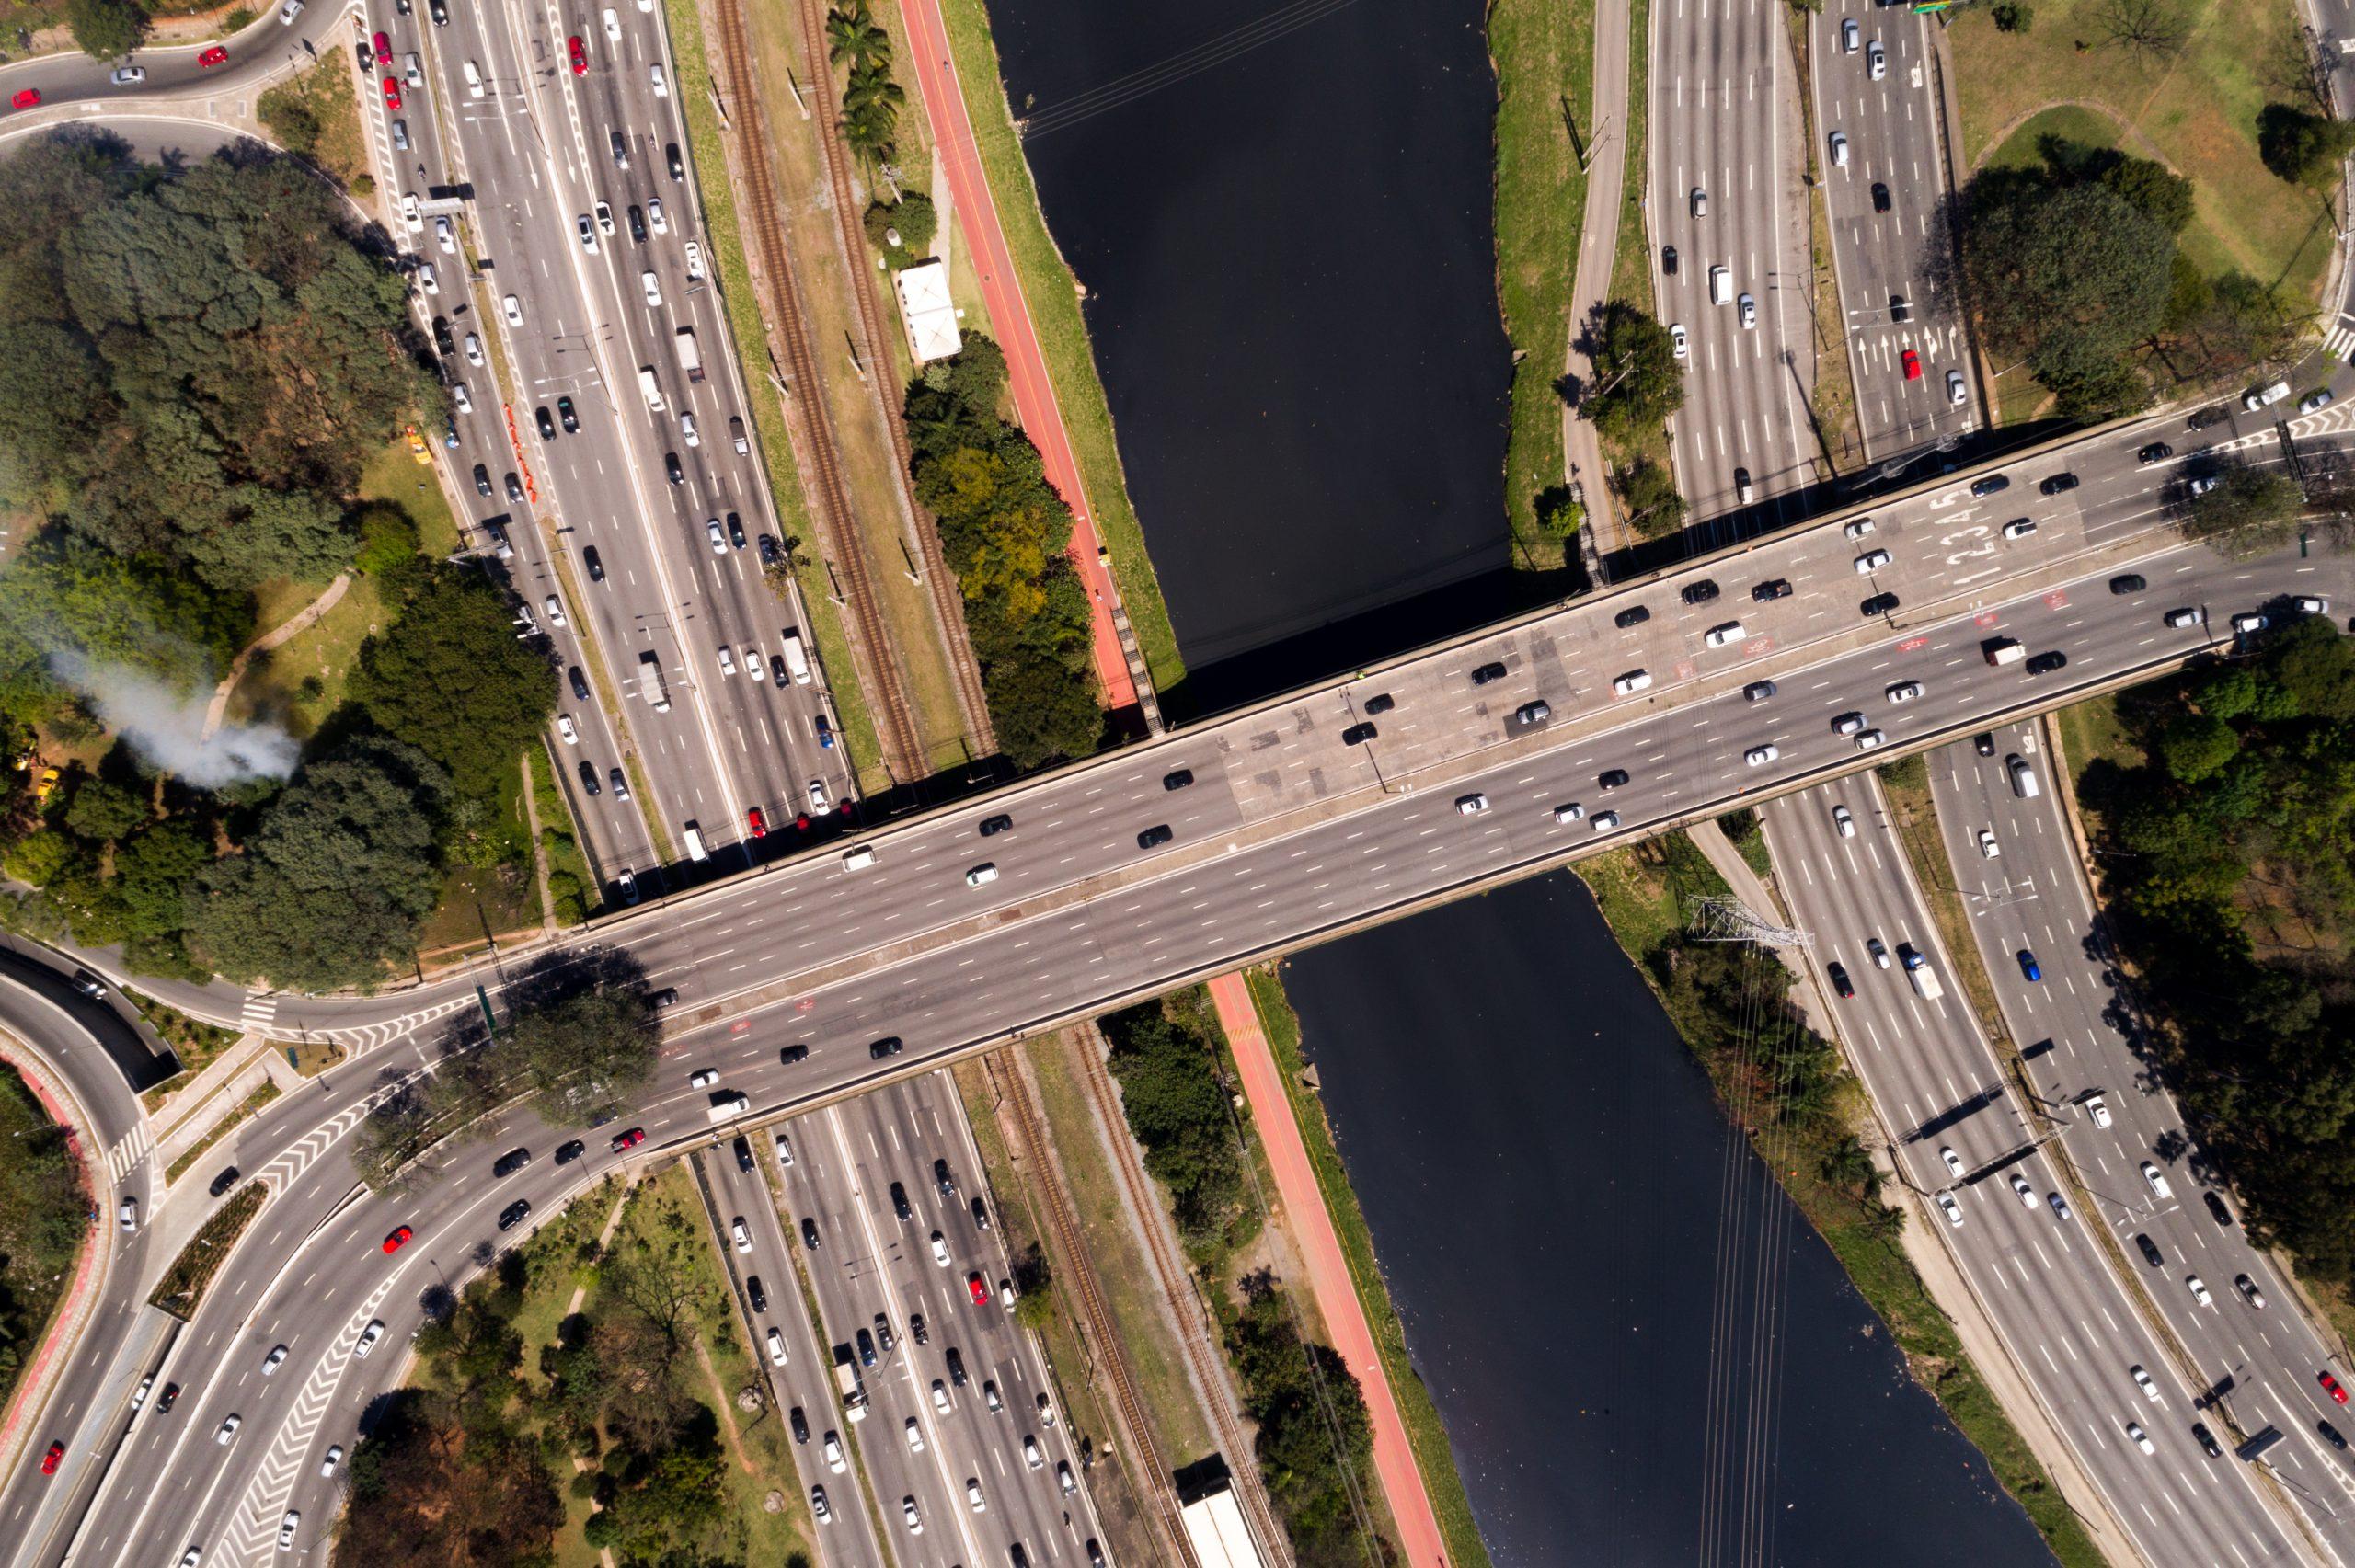 Paving Expo: Futuro da infraestrutura brasileira